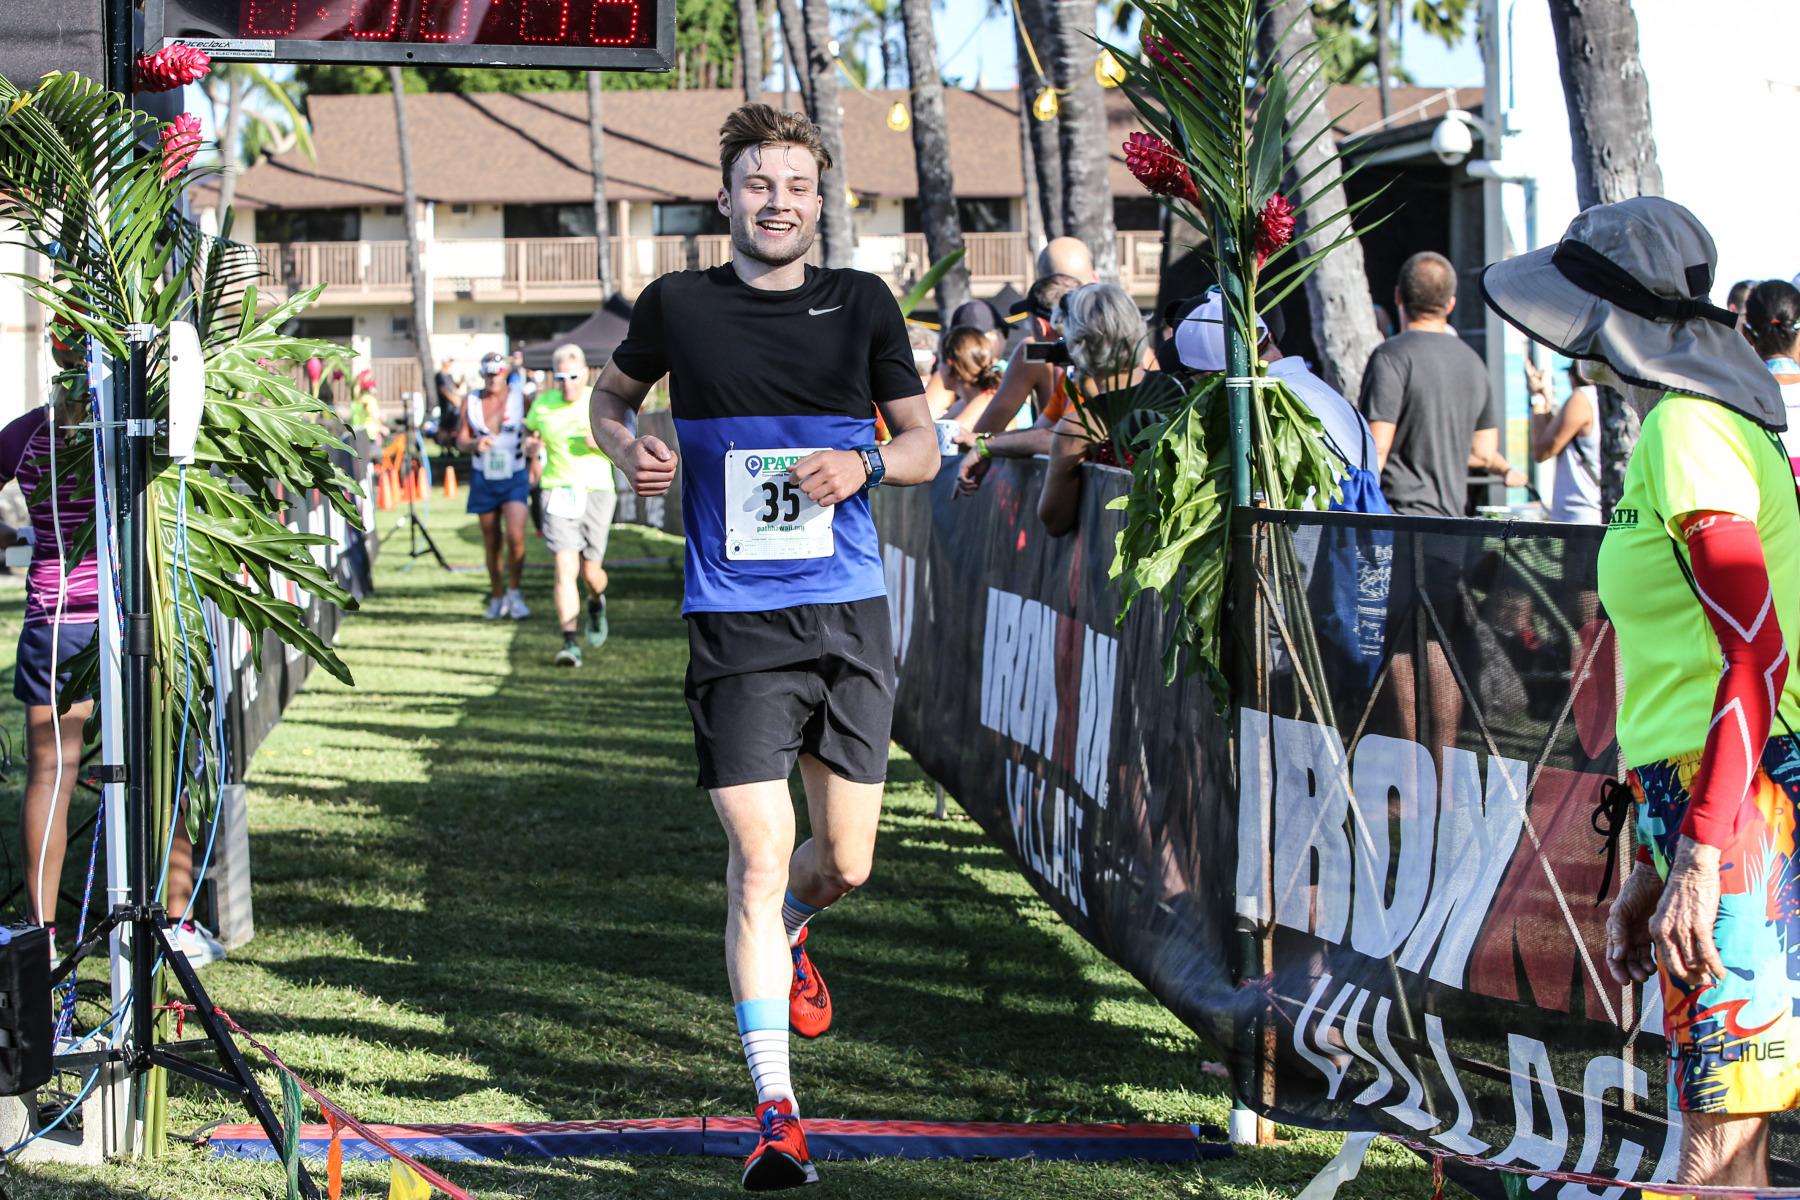 triathlon-Redakteuer Simon Müller erläuft einen starken dritten Platz.